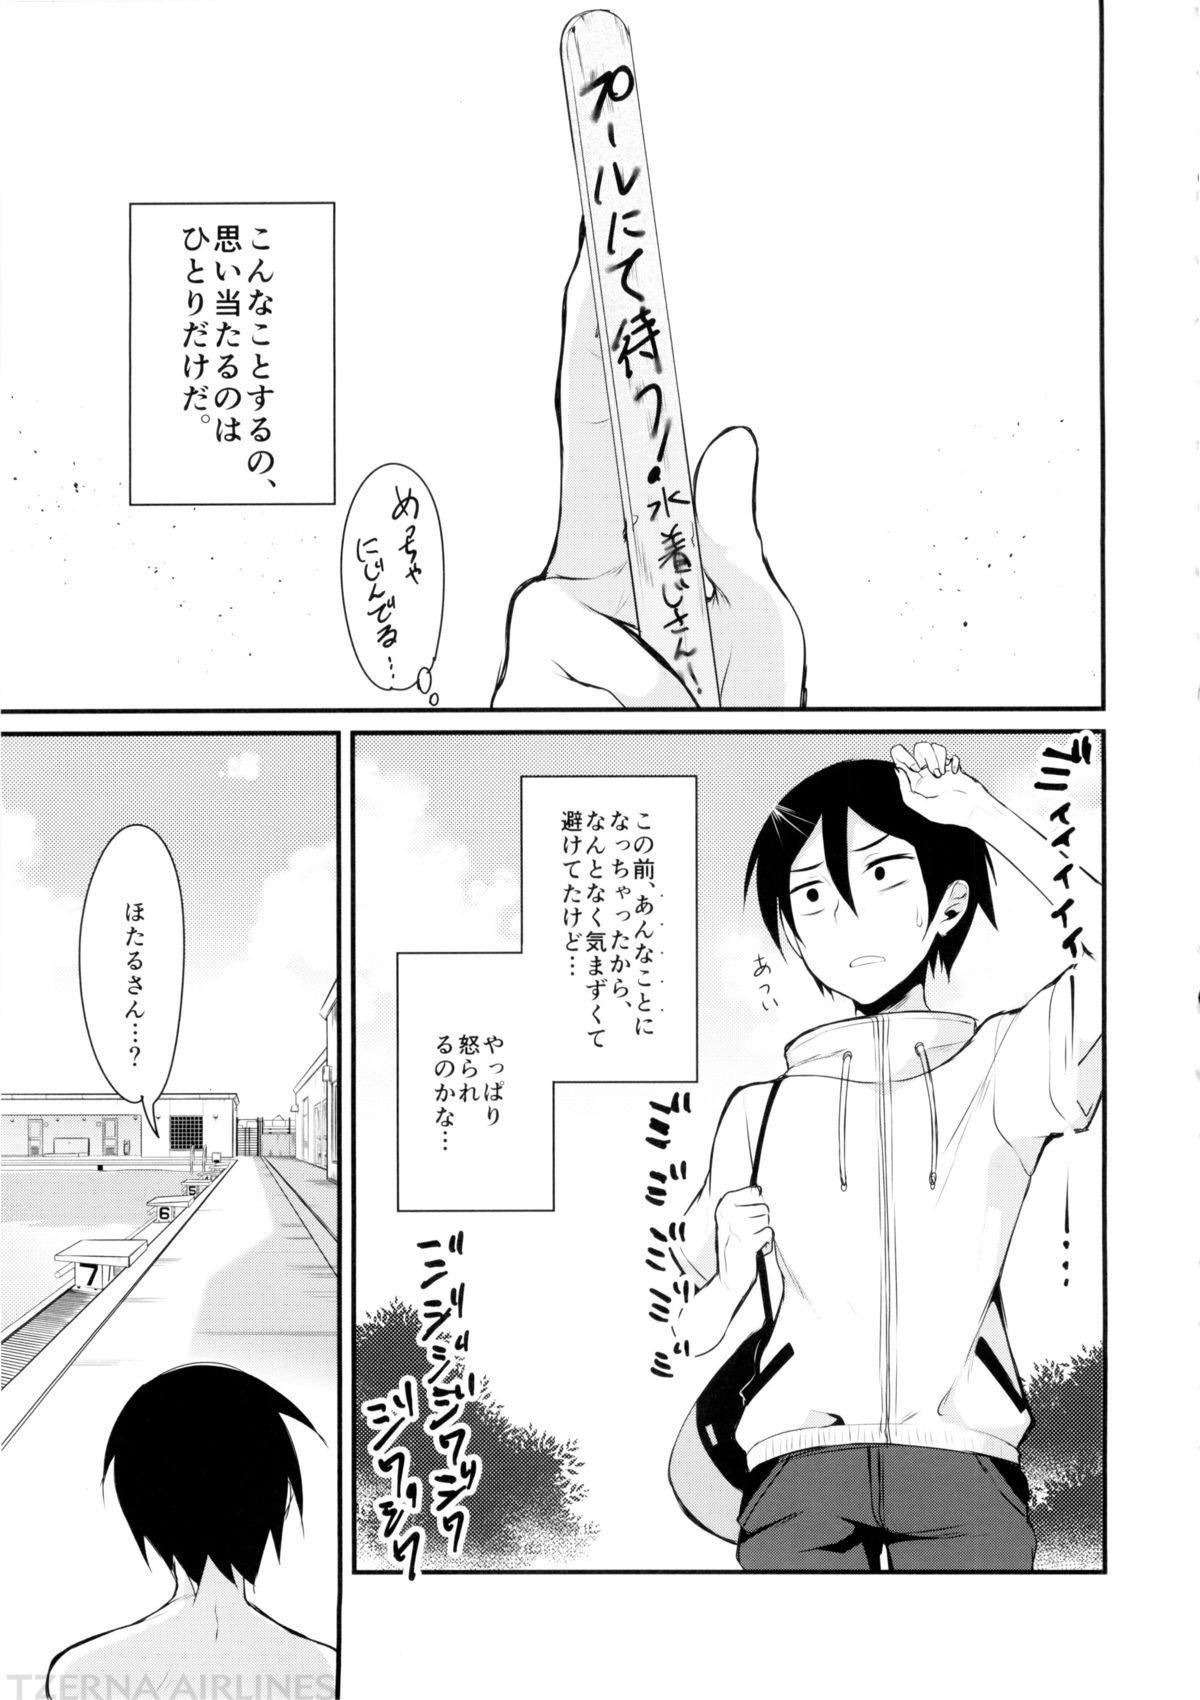 Otona no dagashi 2 4